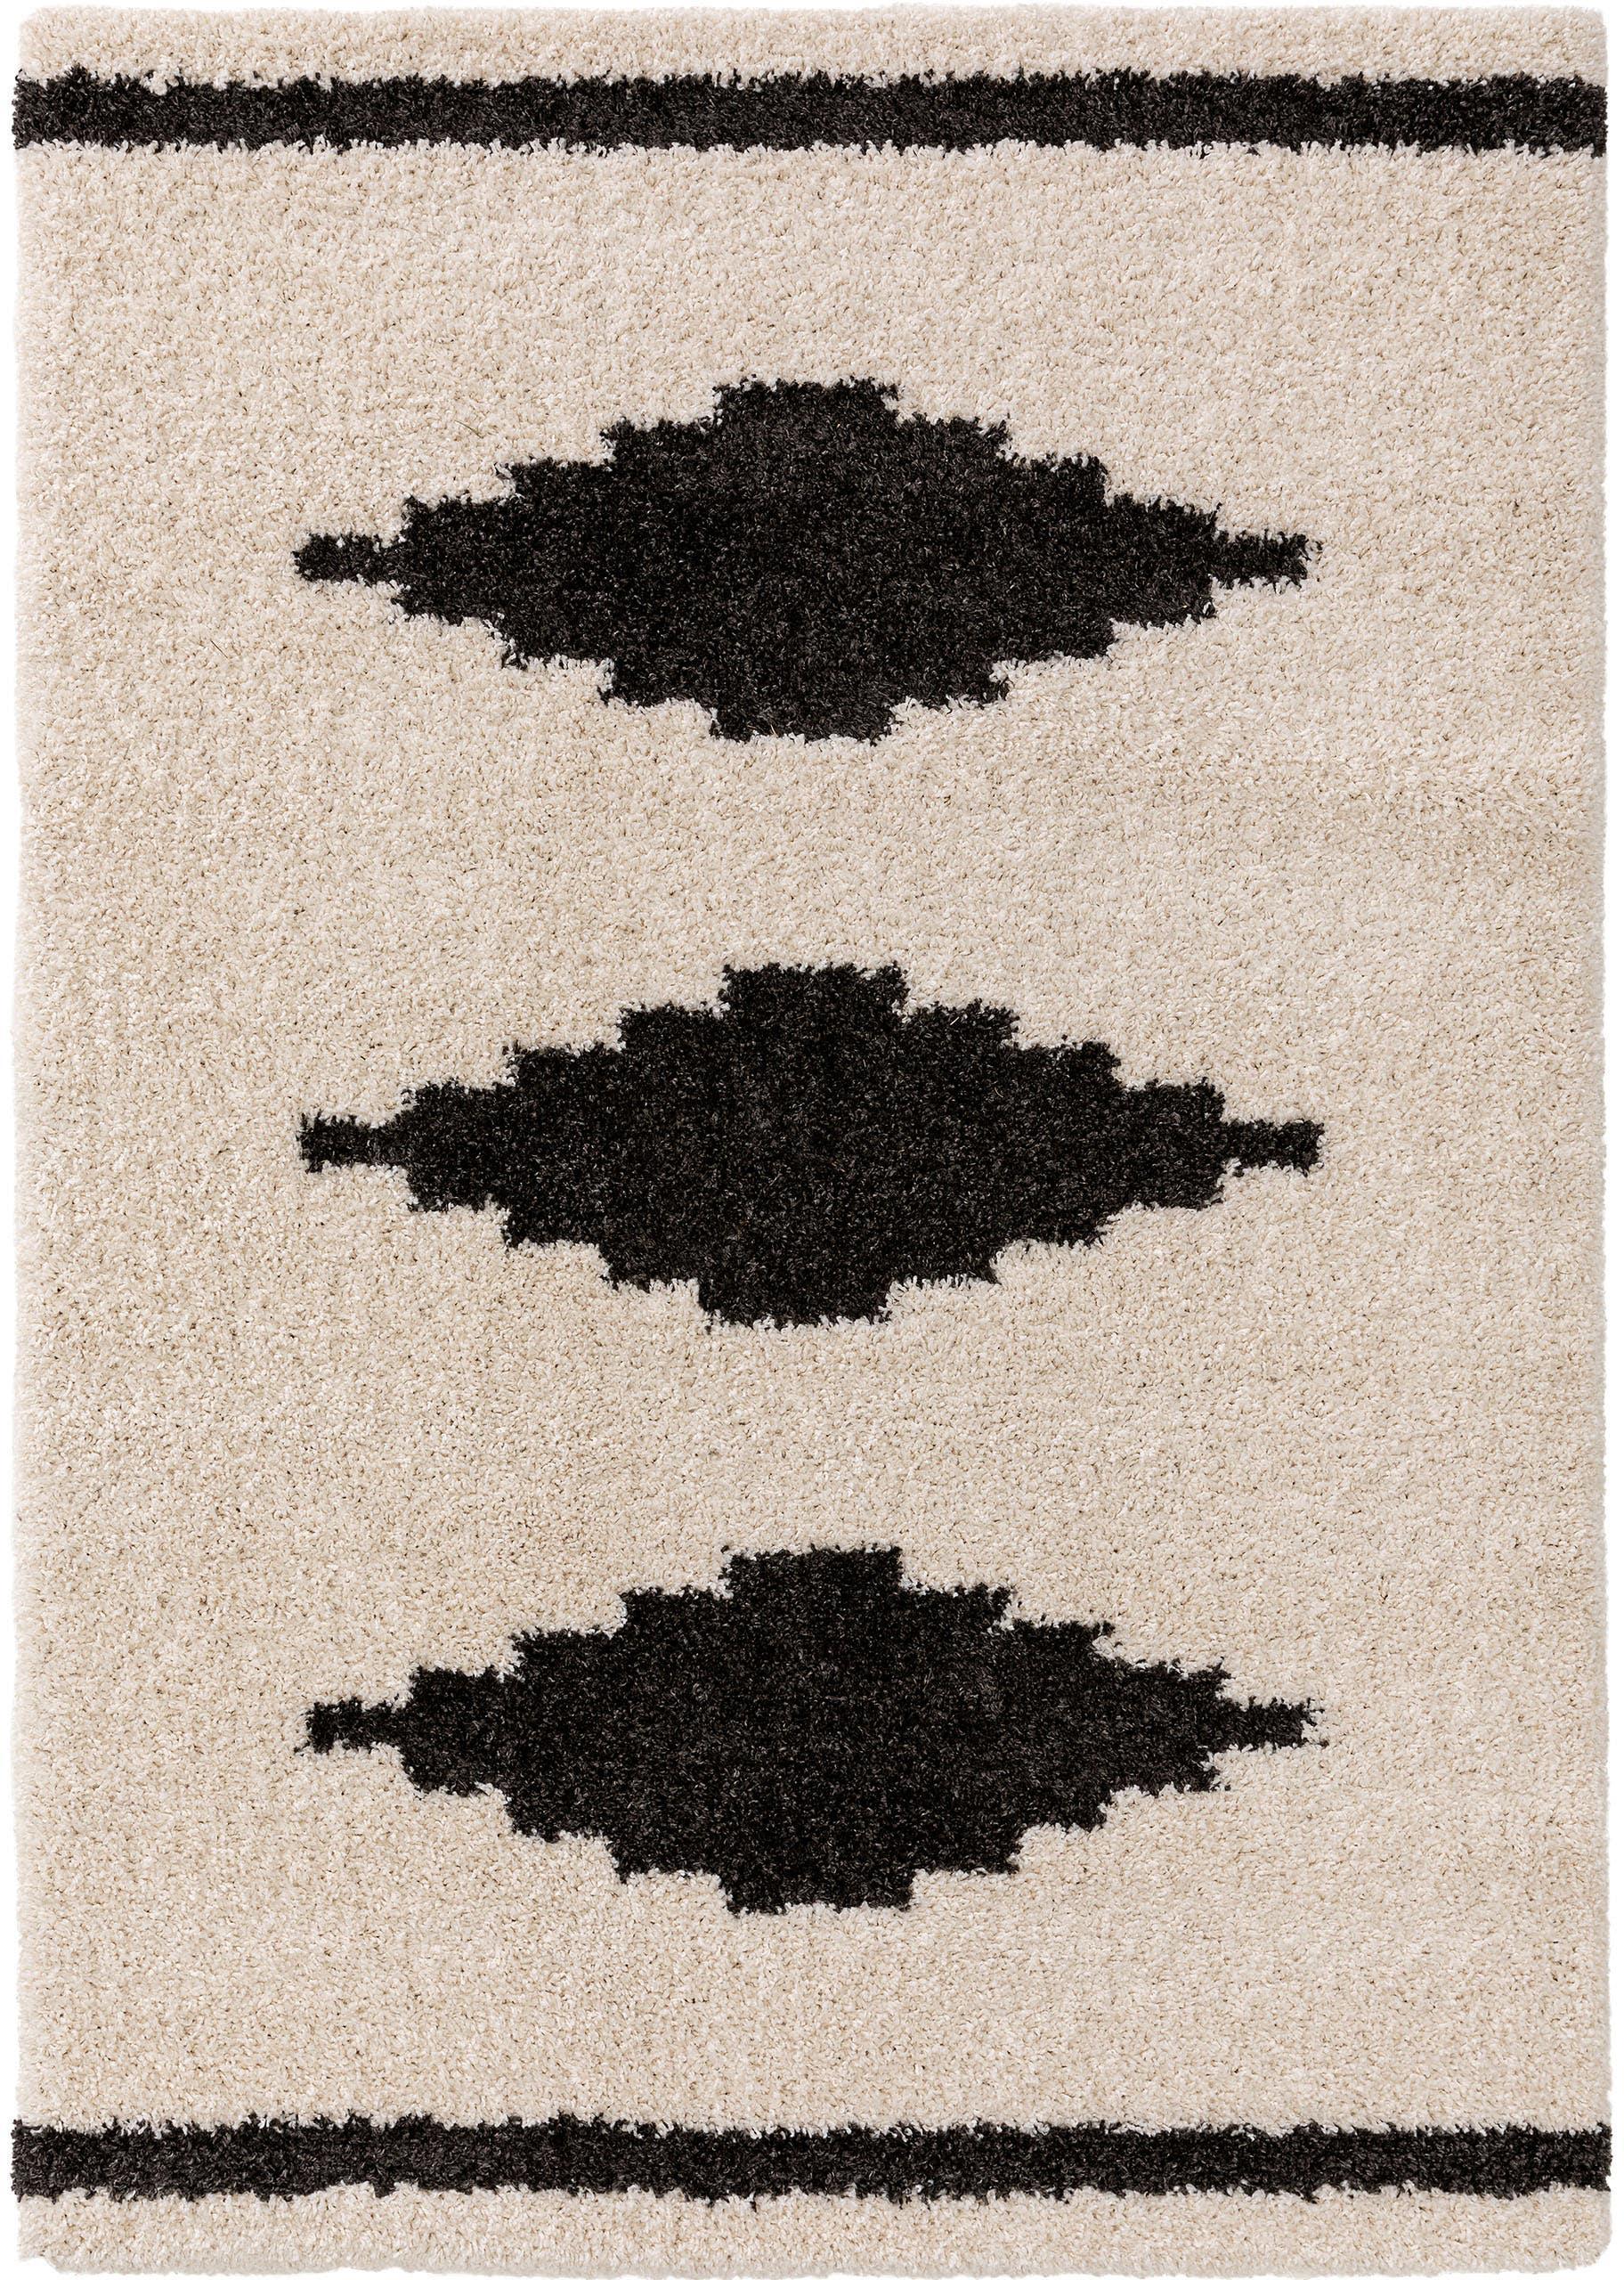 Hoogpolig vloerkleed Selma met grafisch patroon, 100% polypropyleen, Lichtbeige, zwart, B 120 x L 170 cm (maat S)